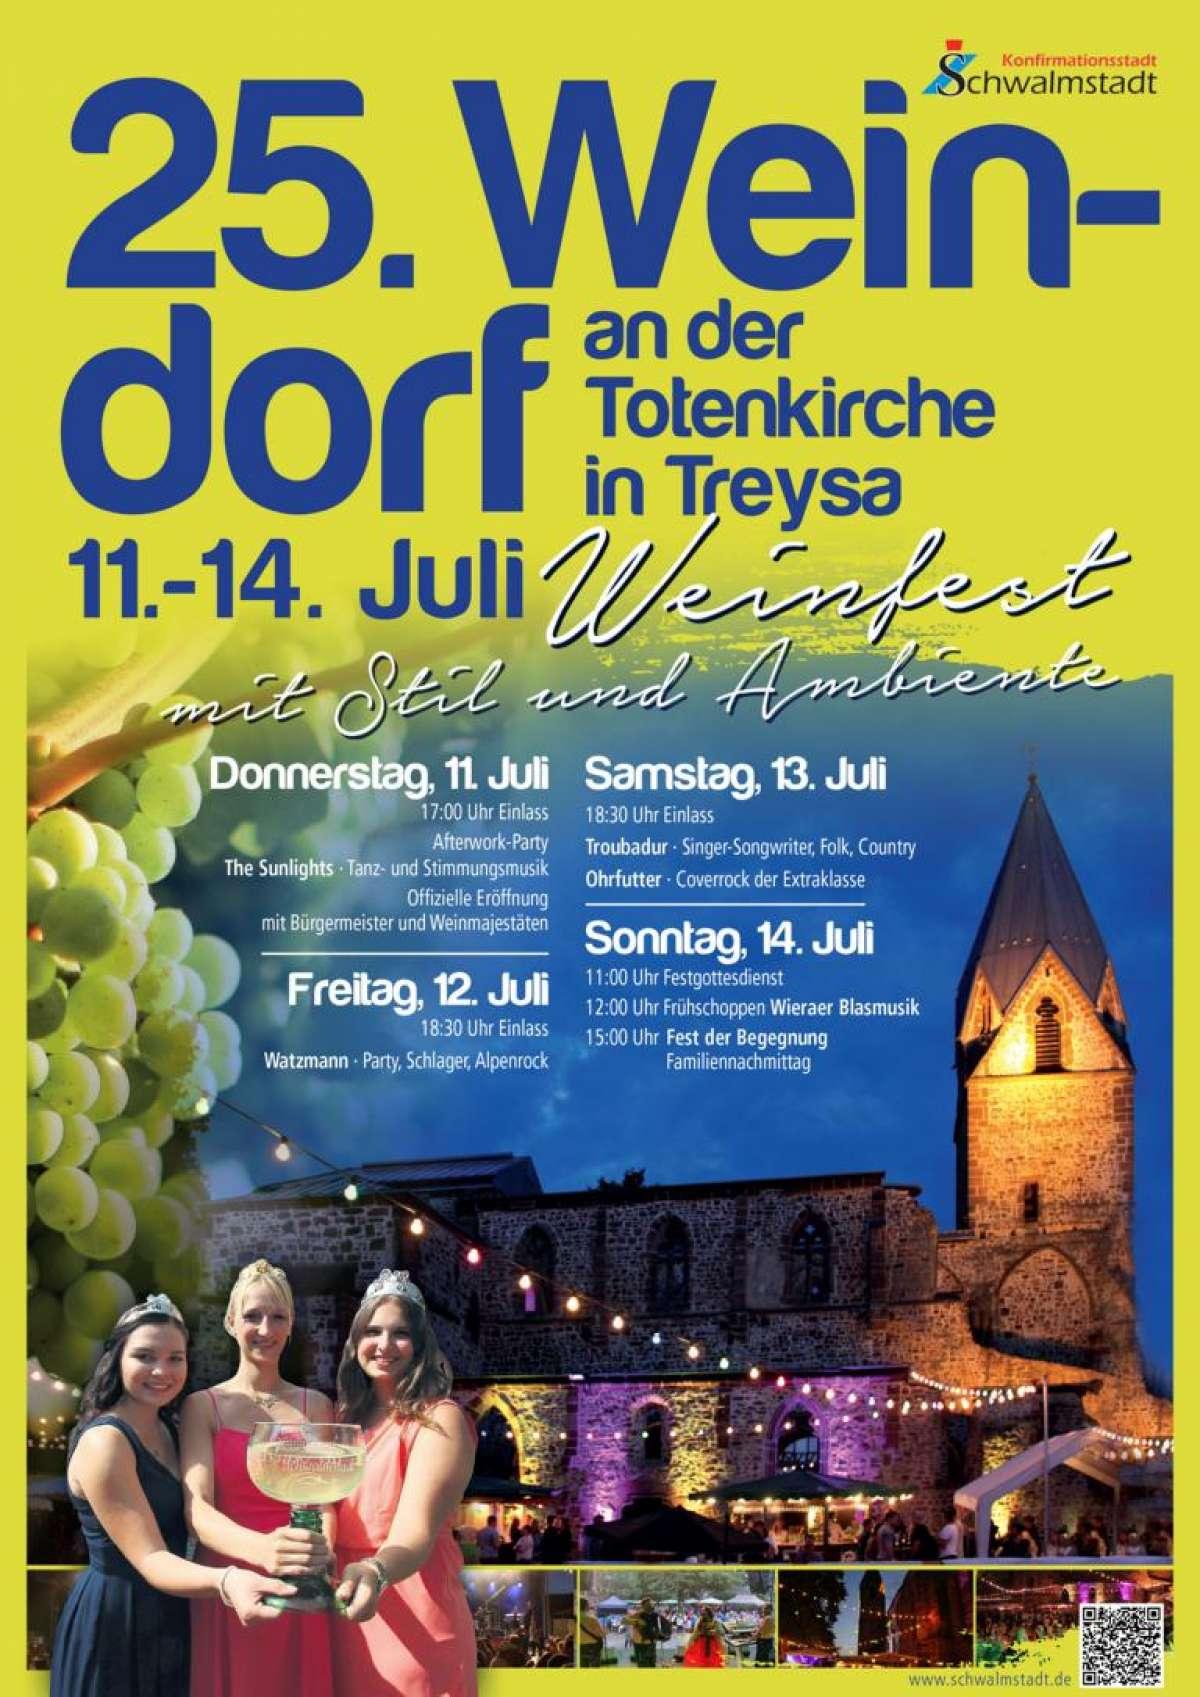 Weindorf an der Totenkirche - Troubadur, Ohrfutter - An der Totenkirche - Schwalmstadt-Treysa